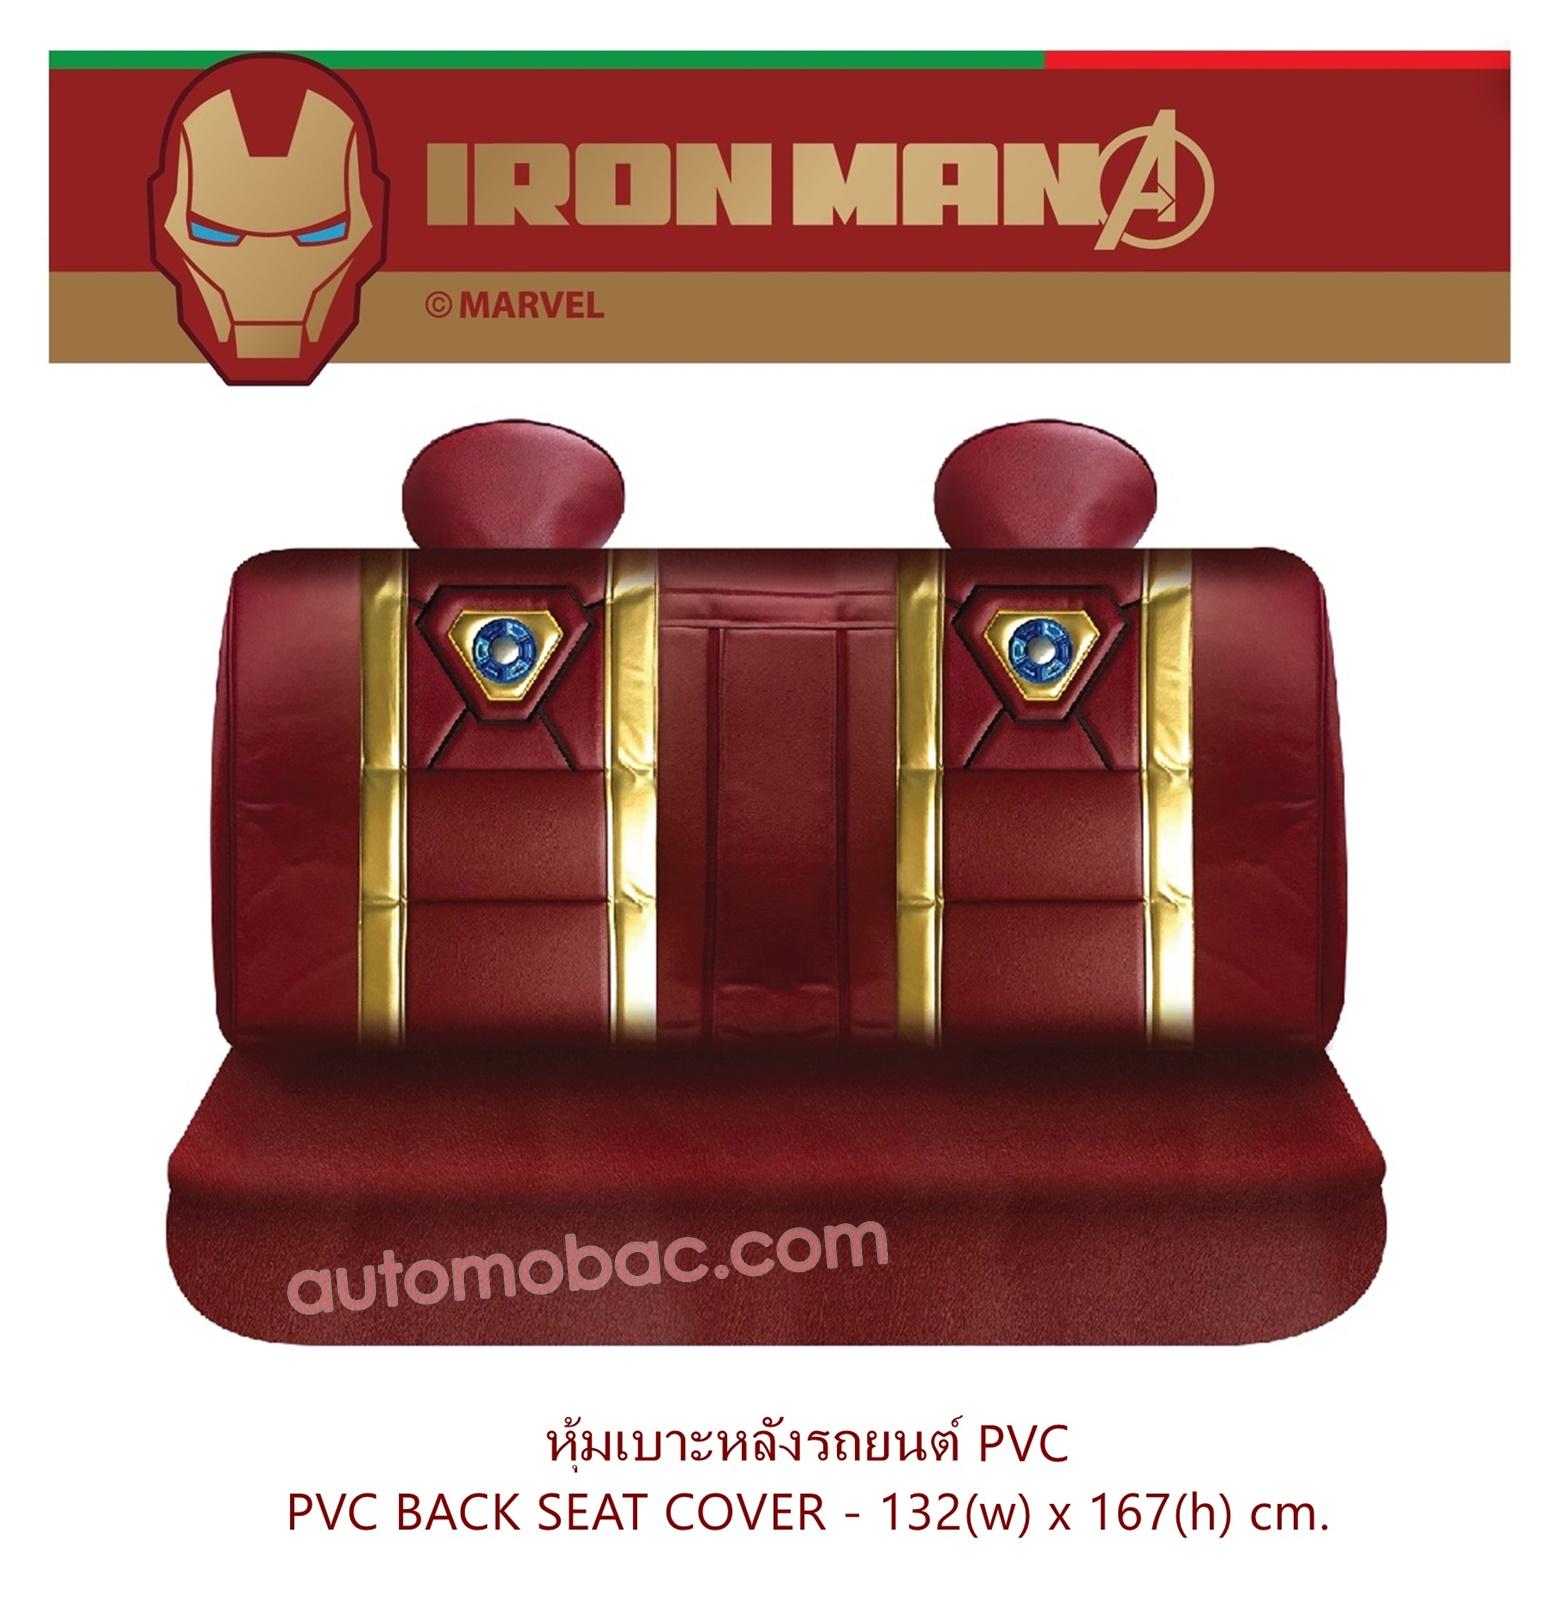 IRON-MAN ที่หุ้มเบาะหลัง งานหนัง PVC ใช้ได้ทั้งรถเก๋ง รถกระบะ 4D และรถเก๋ง 5D ถอดเบาะติดตั้ง